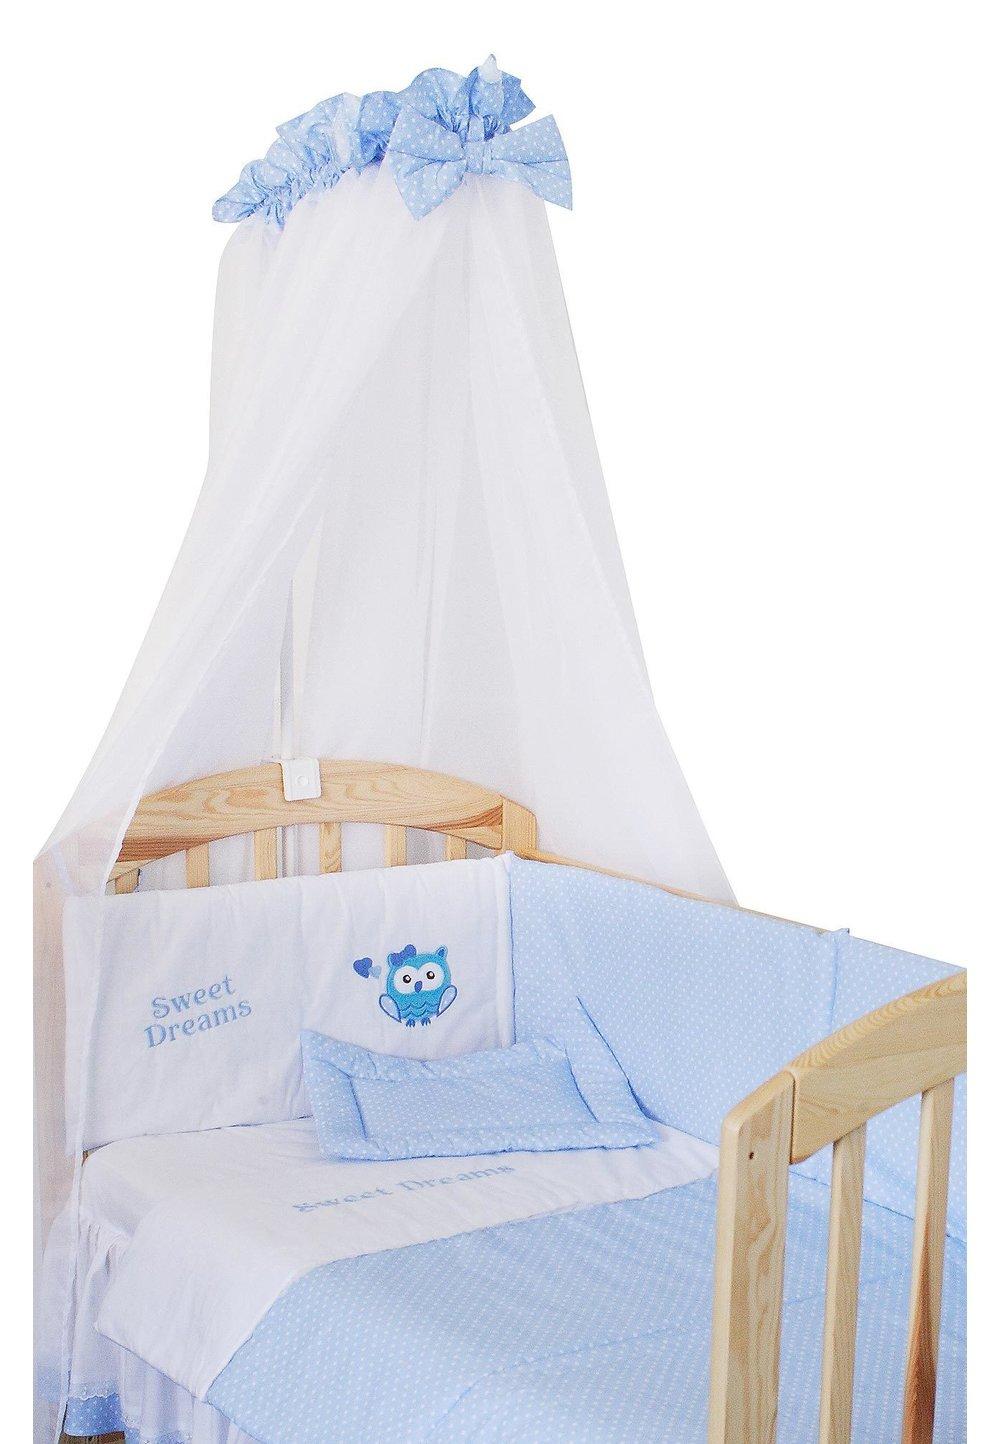 Baldachin patut, albastru cu buline albe, 300 x 160 cm imagine